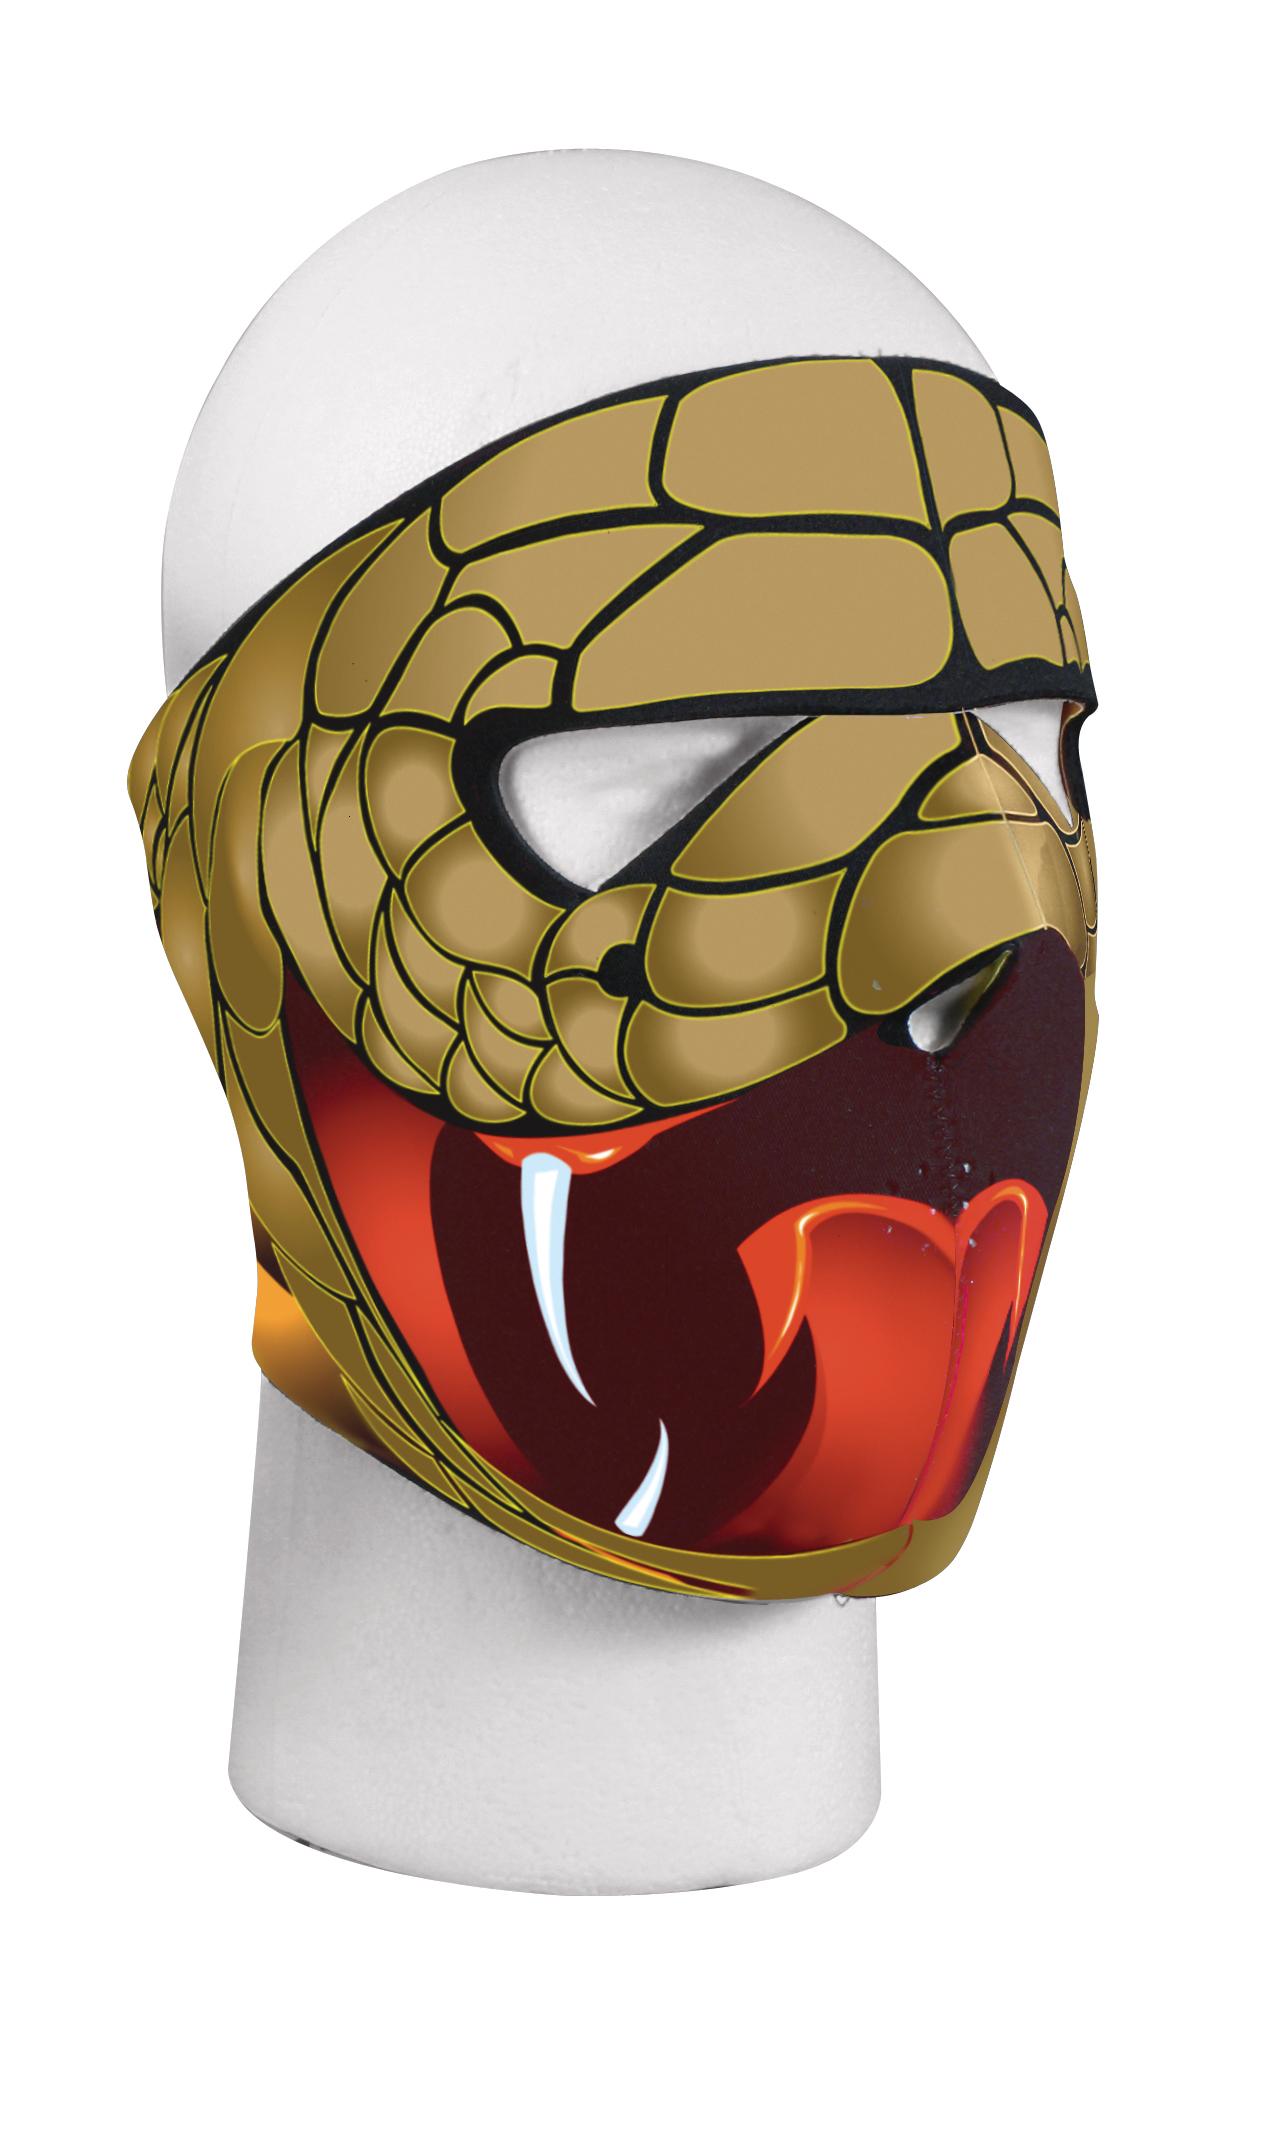 Calendar Sheet Rubber : Rothco cobra neoprene full face mask